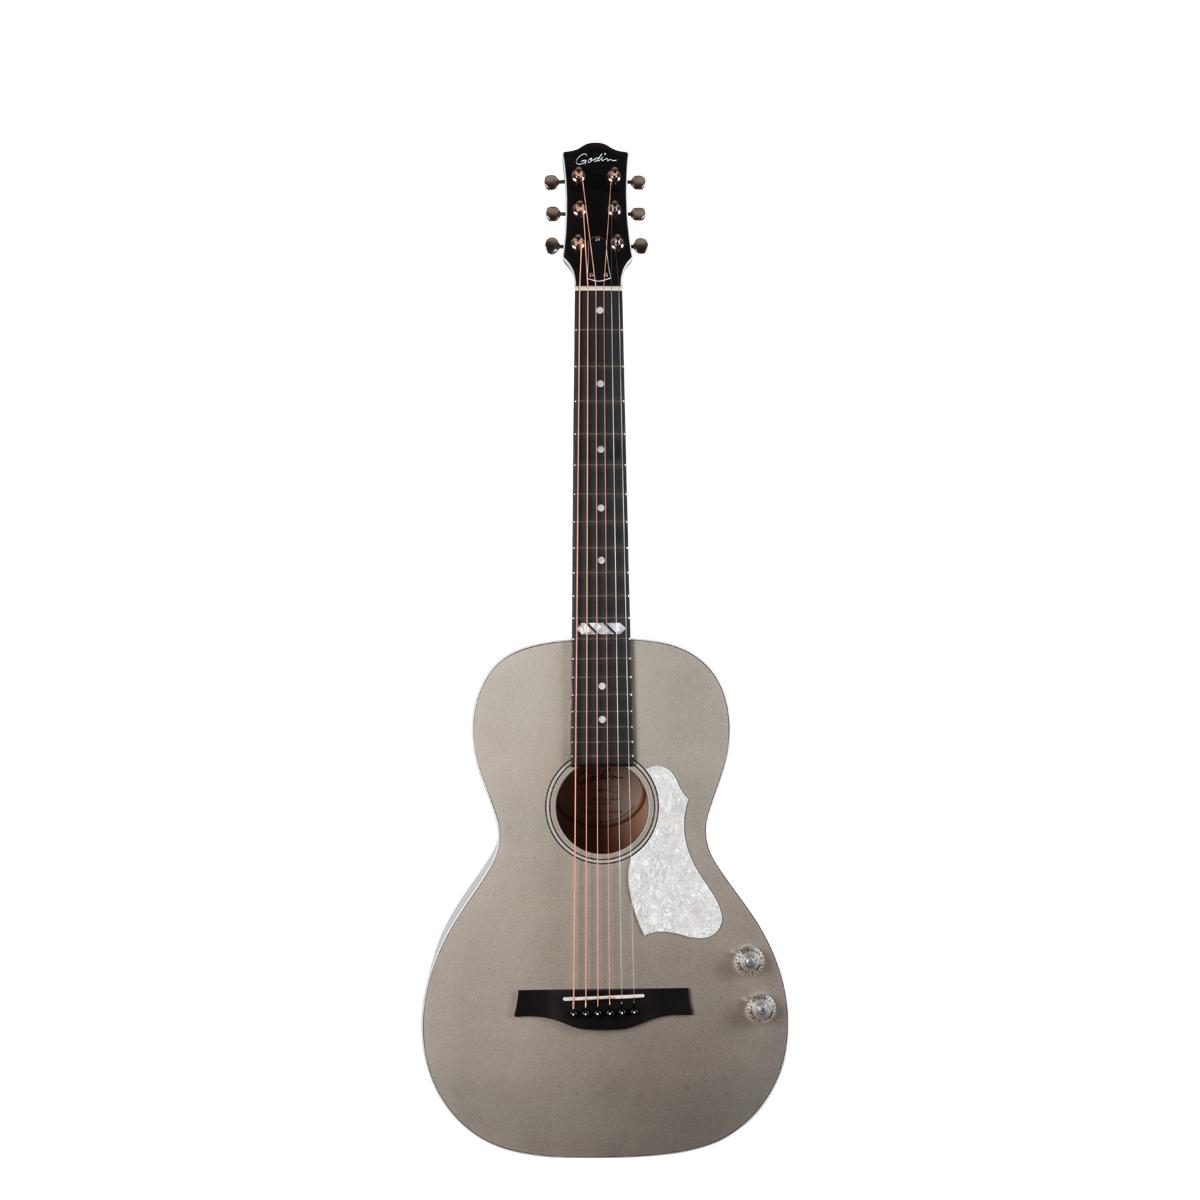 Godin Rialto JR HG Q-Discrete Acoustic Guitar - Satina Gray